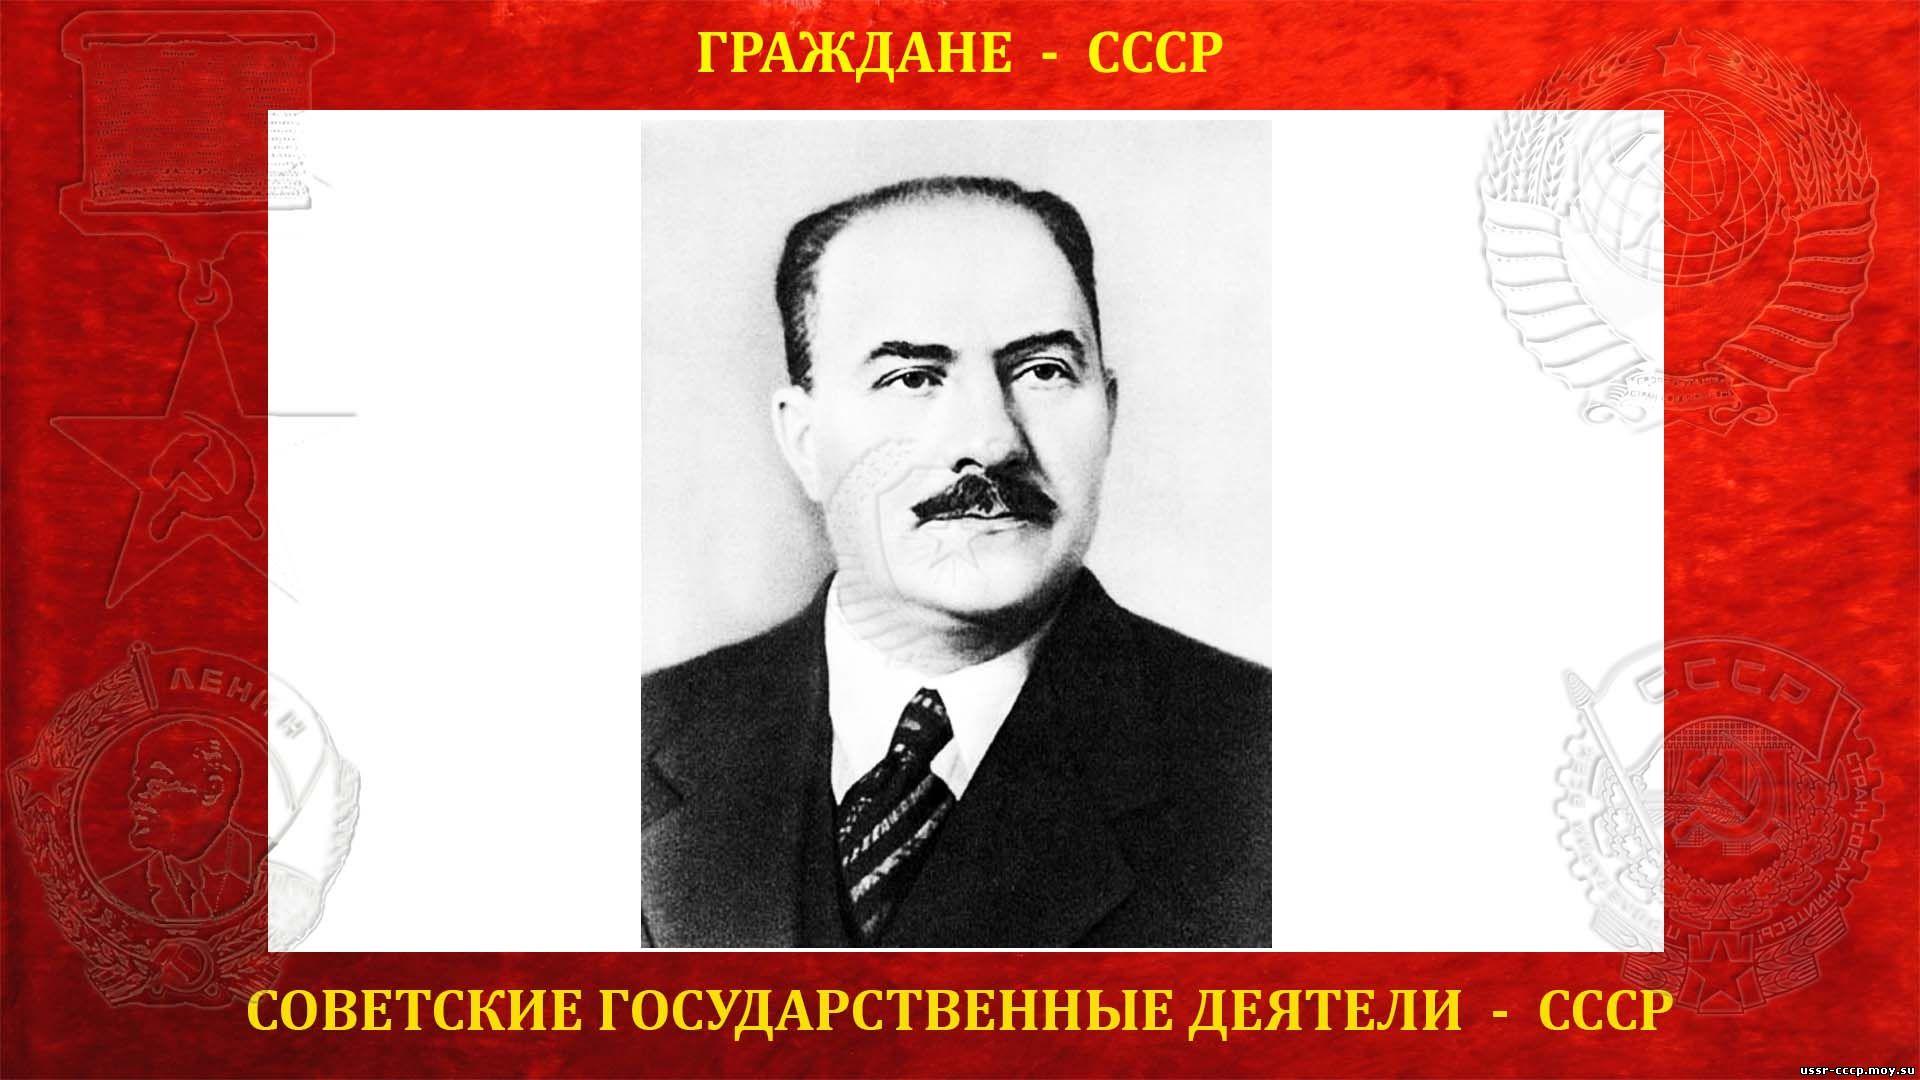 Каганович Лазарь Моисеевич – Революционер - Советский государст. и парт. деятель (22.11.1893 – 25.07.1991) биография))